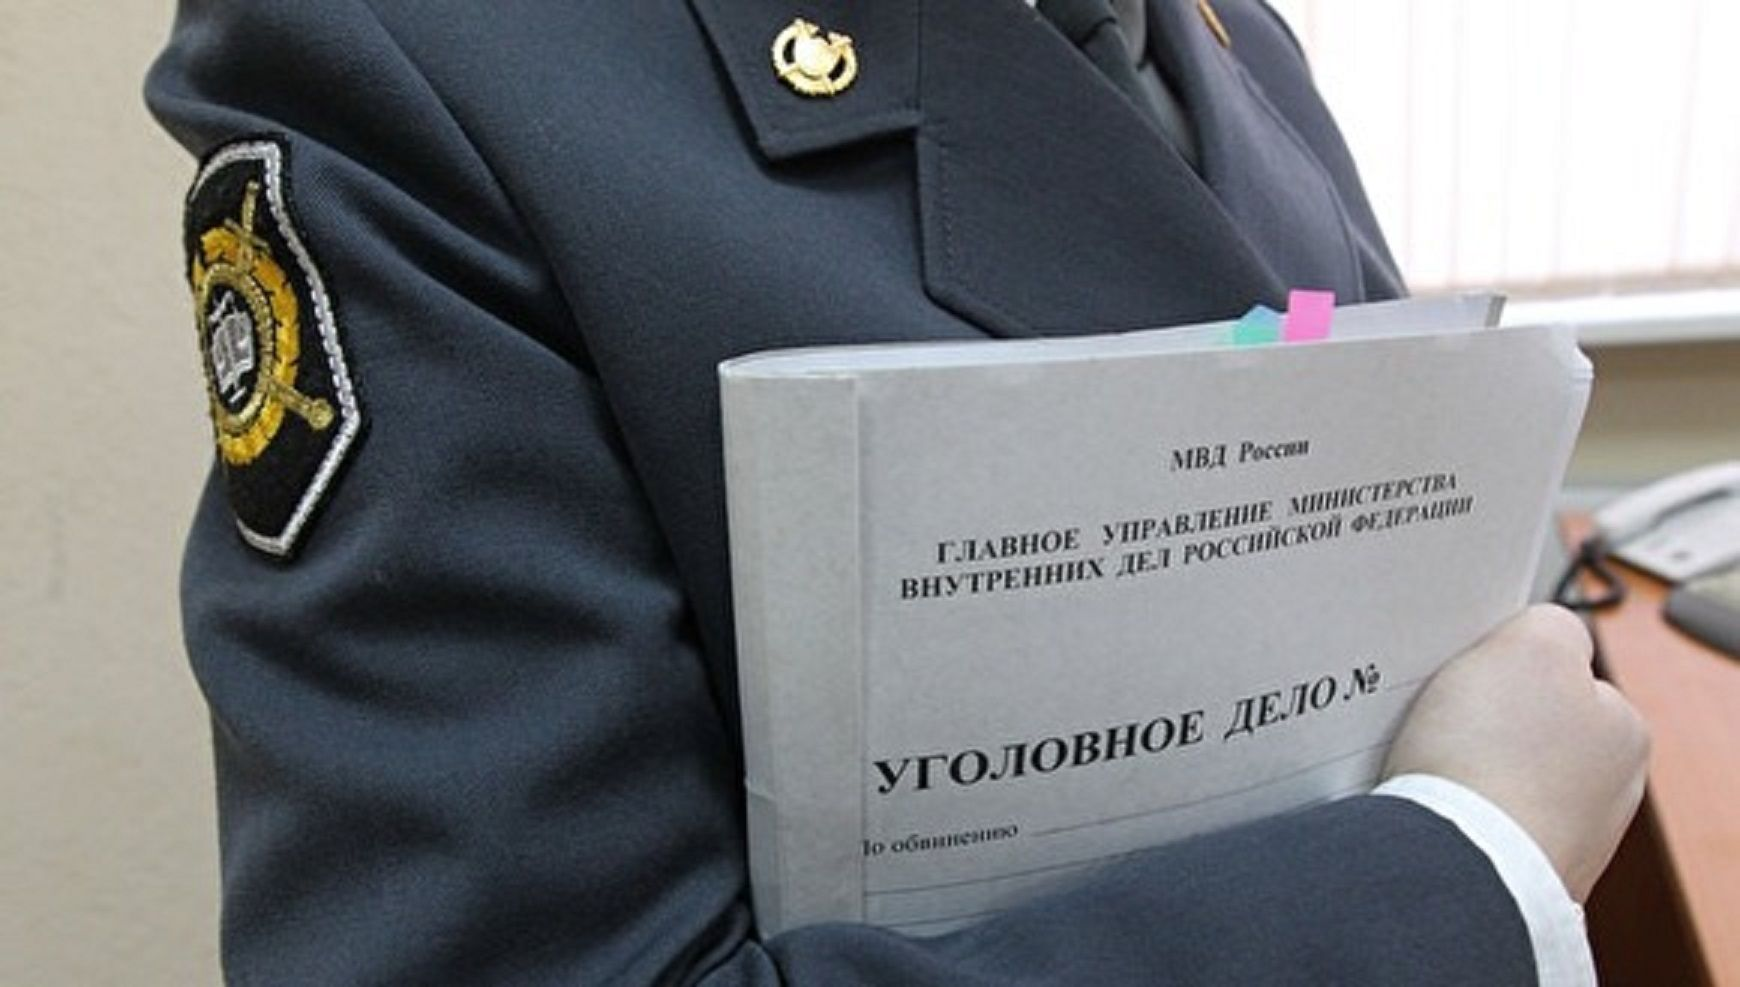 Жителя Ставрополья осудили на2,5 года за транспортировку фальсифицированного алкоголя